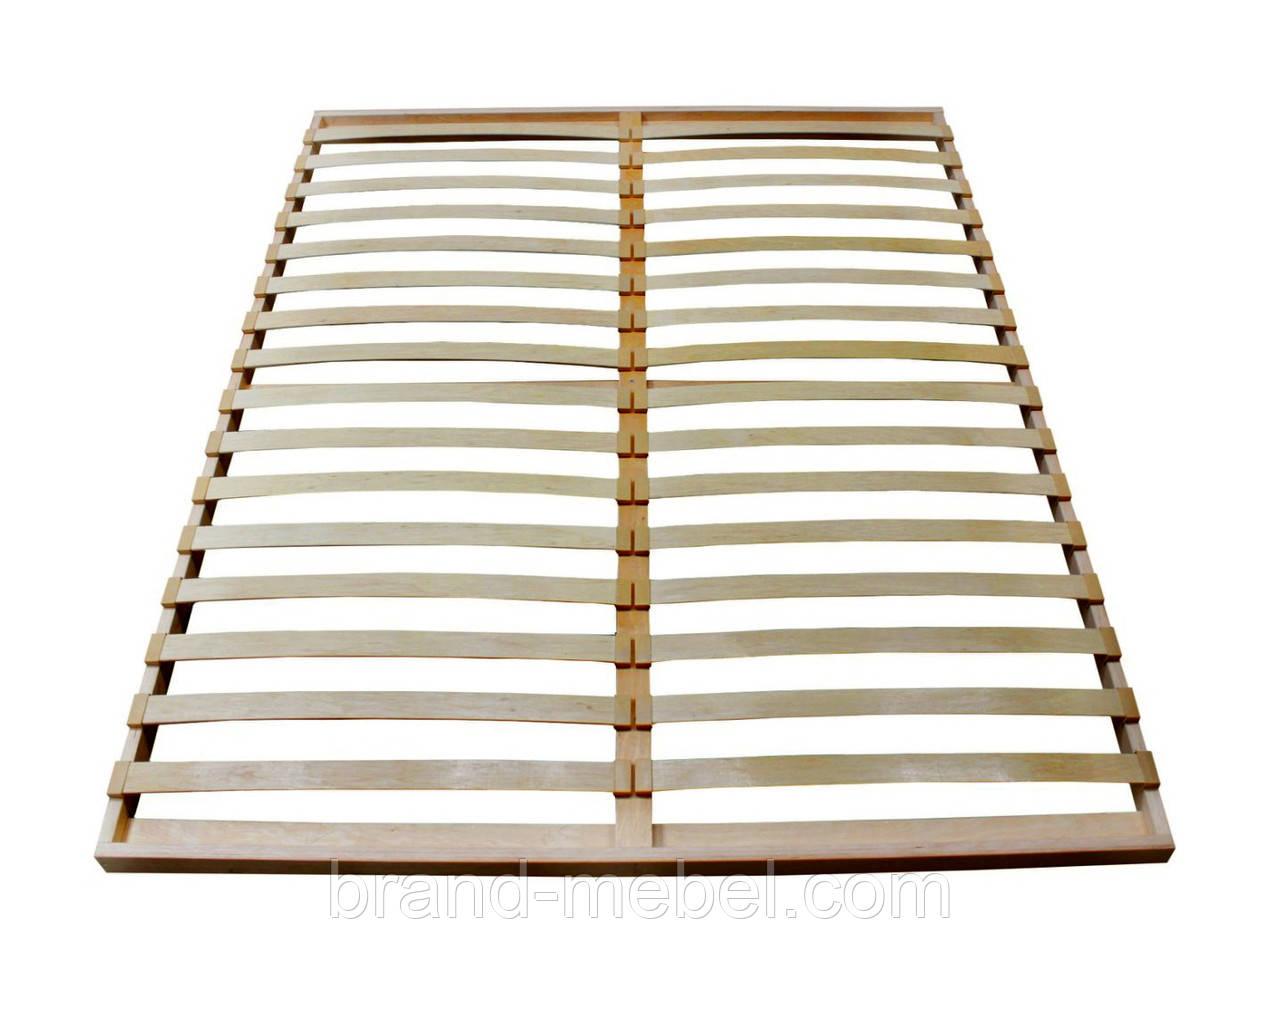 Каркас ліжка дерев'яний розбірний 200*140см